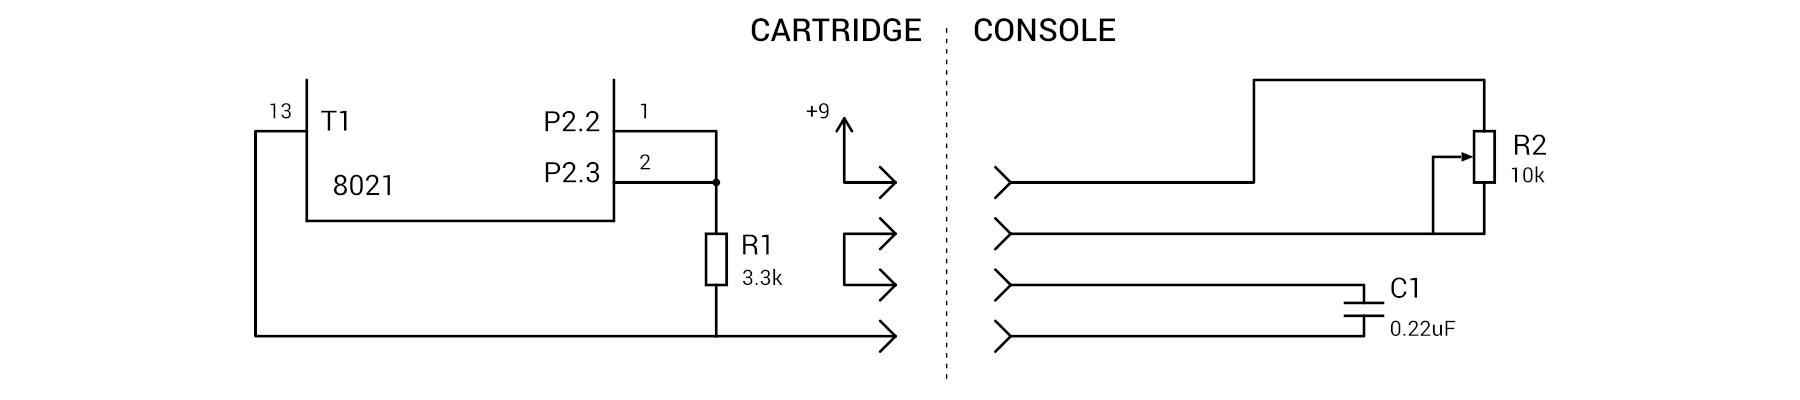 Ретро-разработка для первой портативной консоли из далекого 1979 года - 21